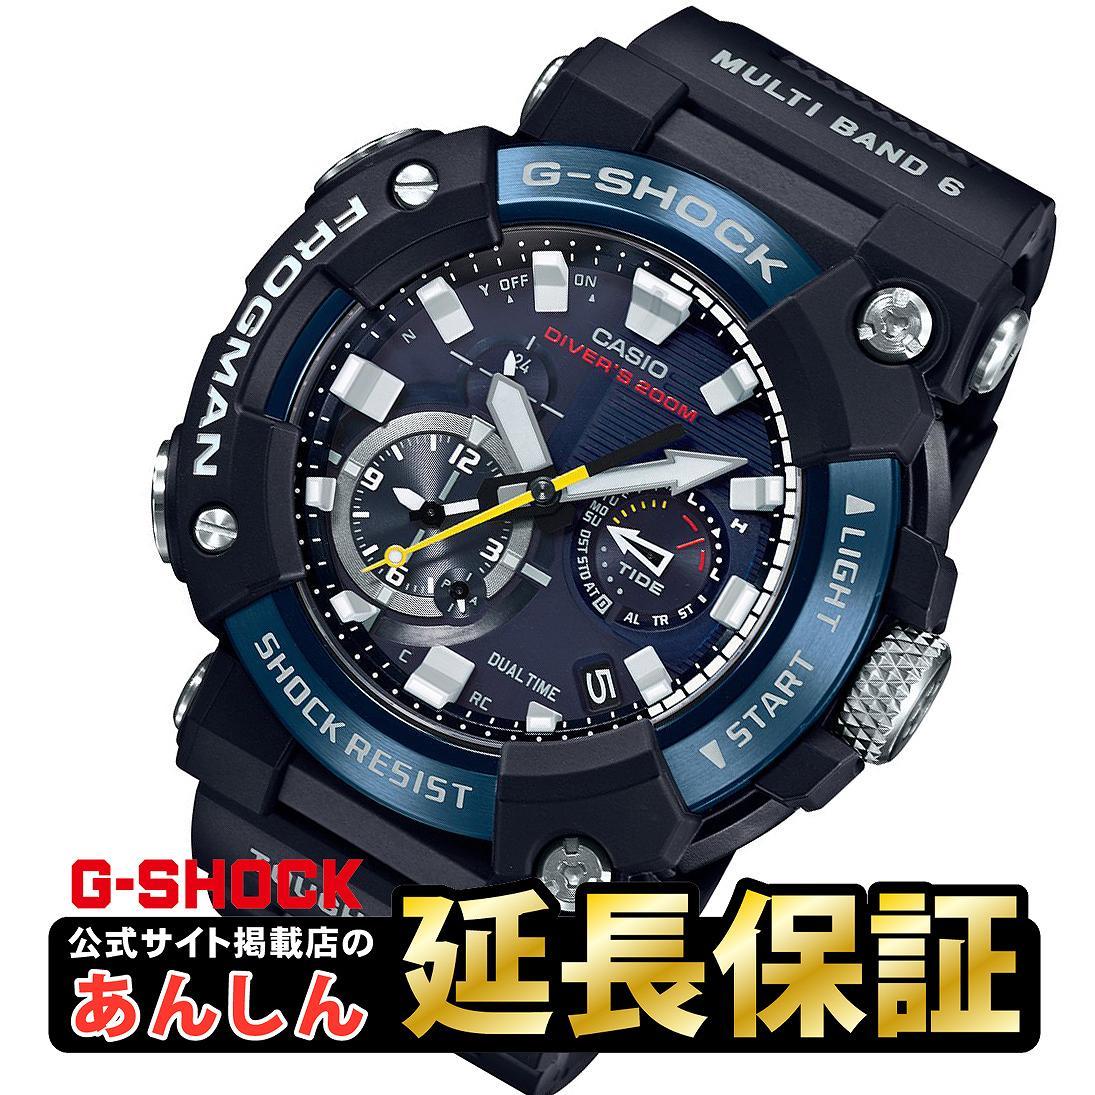 CASIO G-SHOCK frogman 3,000OFF2195930 G GWF-A100...